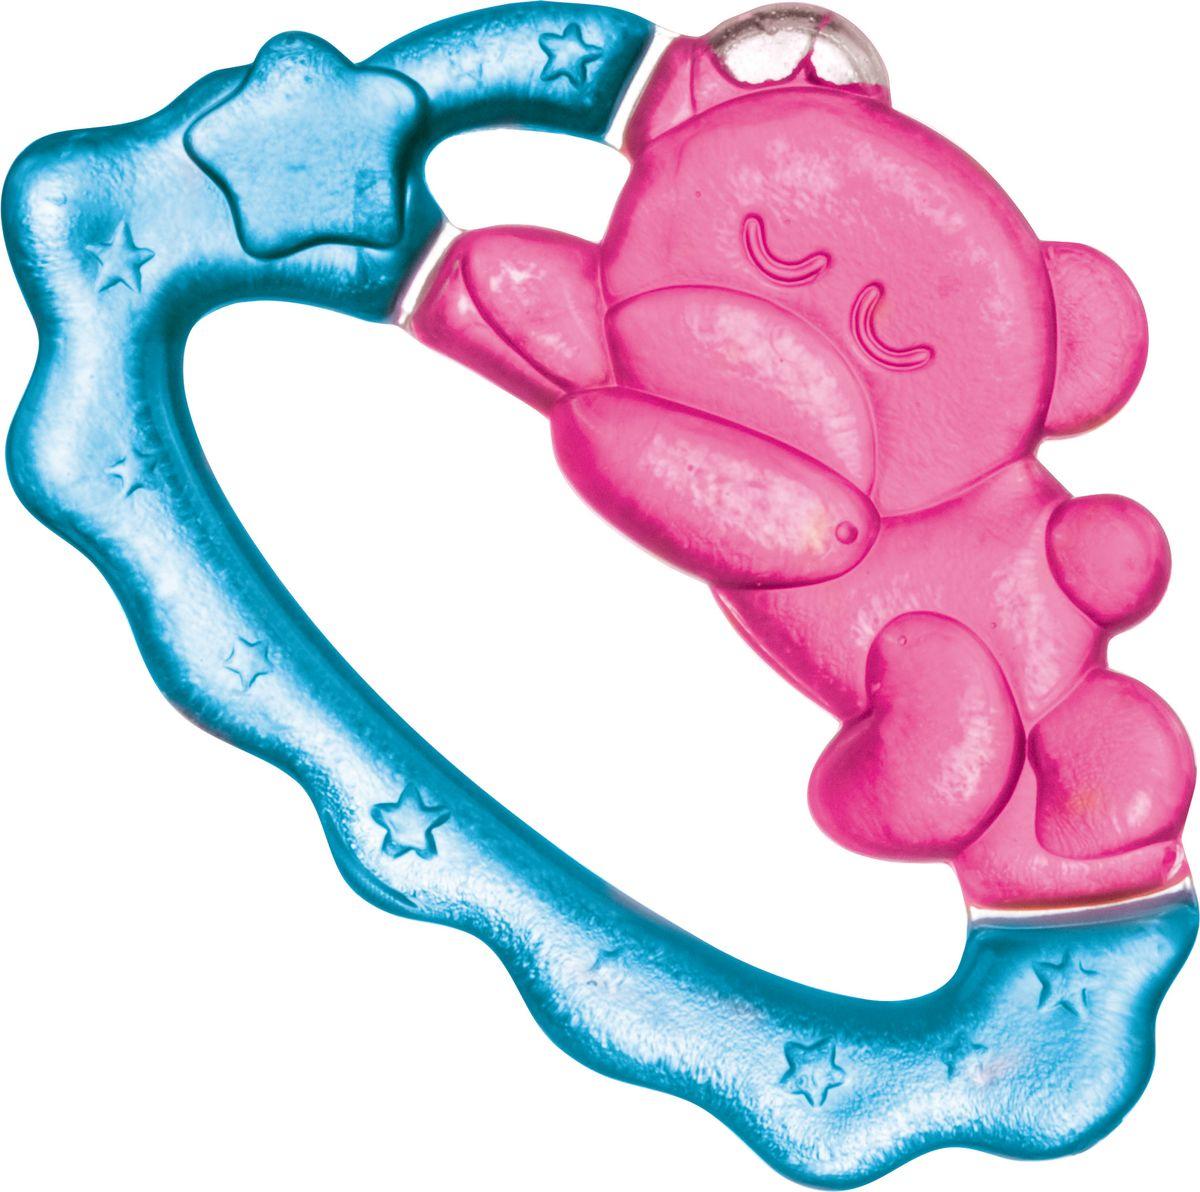 Canpol Babies Прорезыватель охлаждающий Спящий медвежонок цвет розовый canpol babies прорезыватель охлаждающий ягодка цвет красный